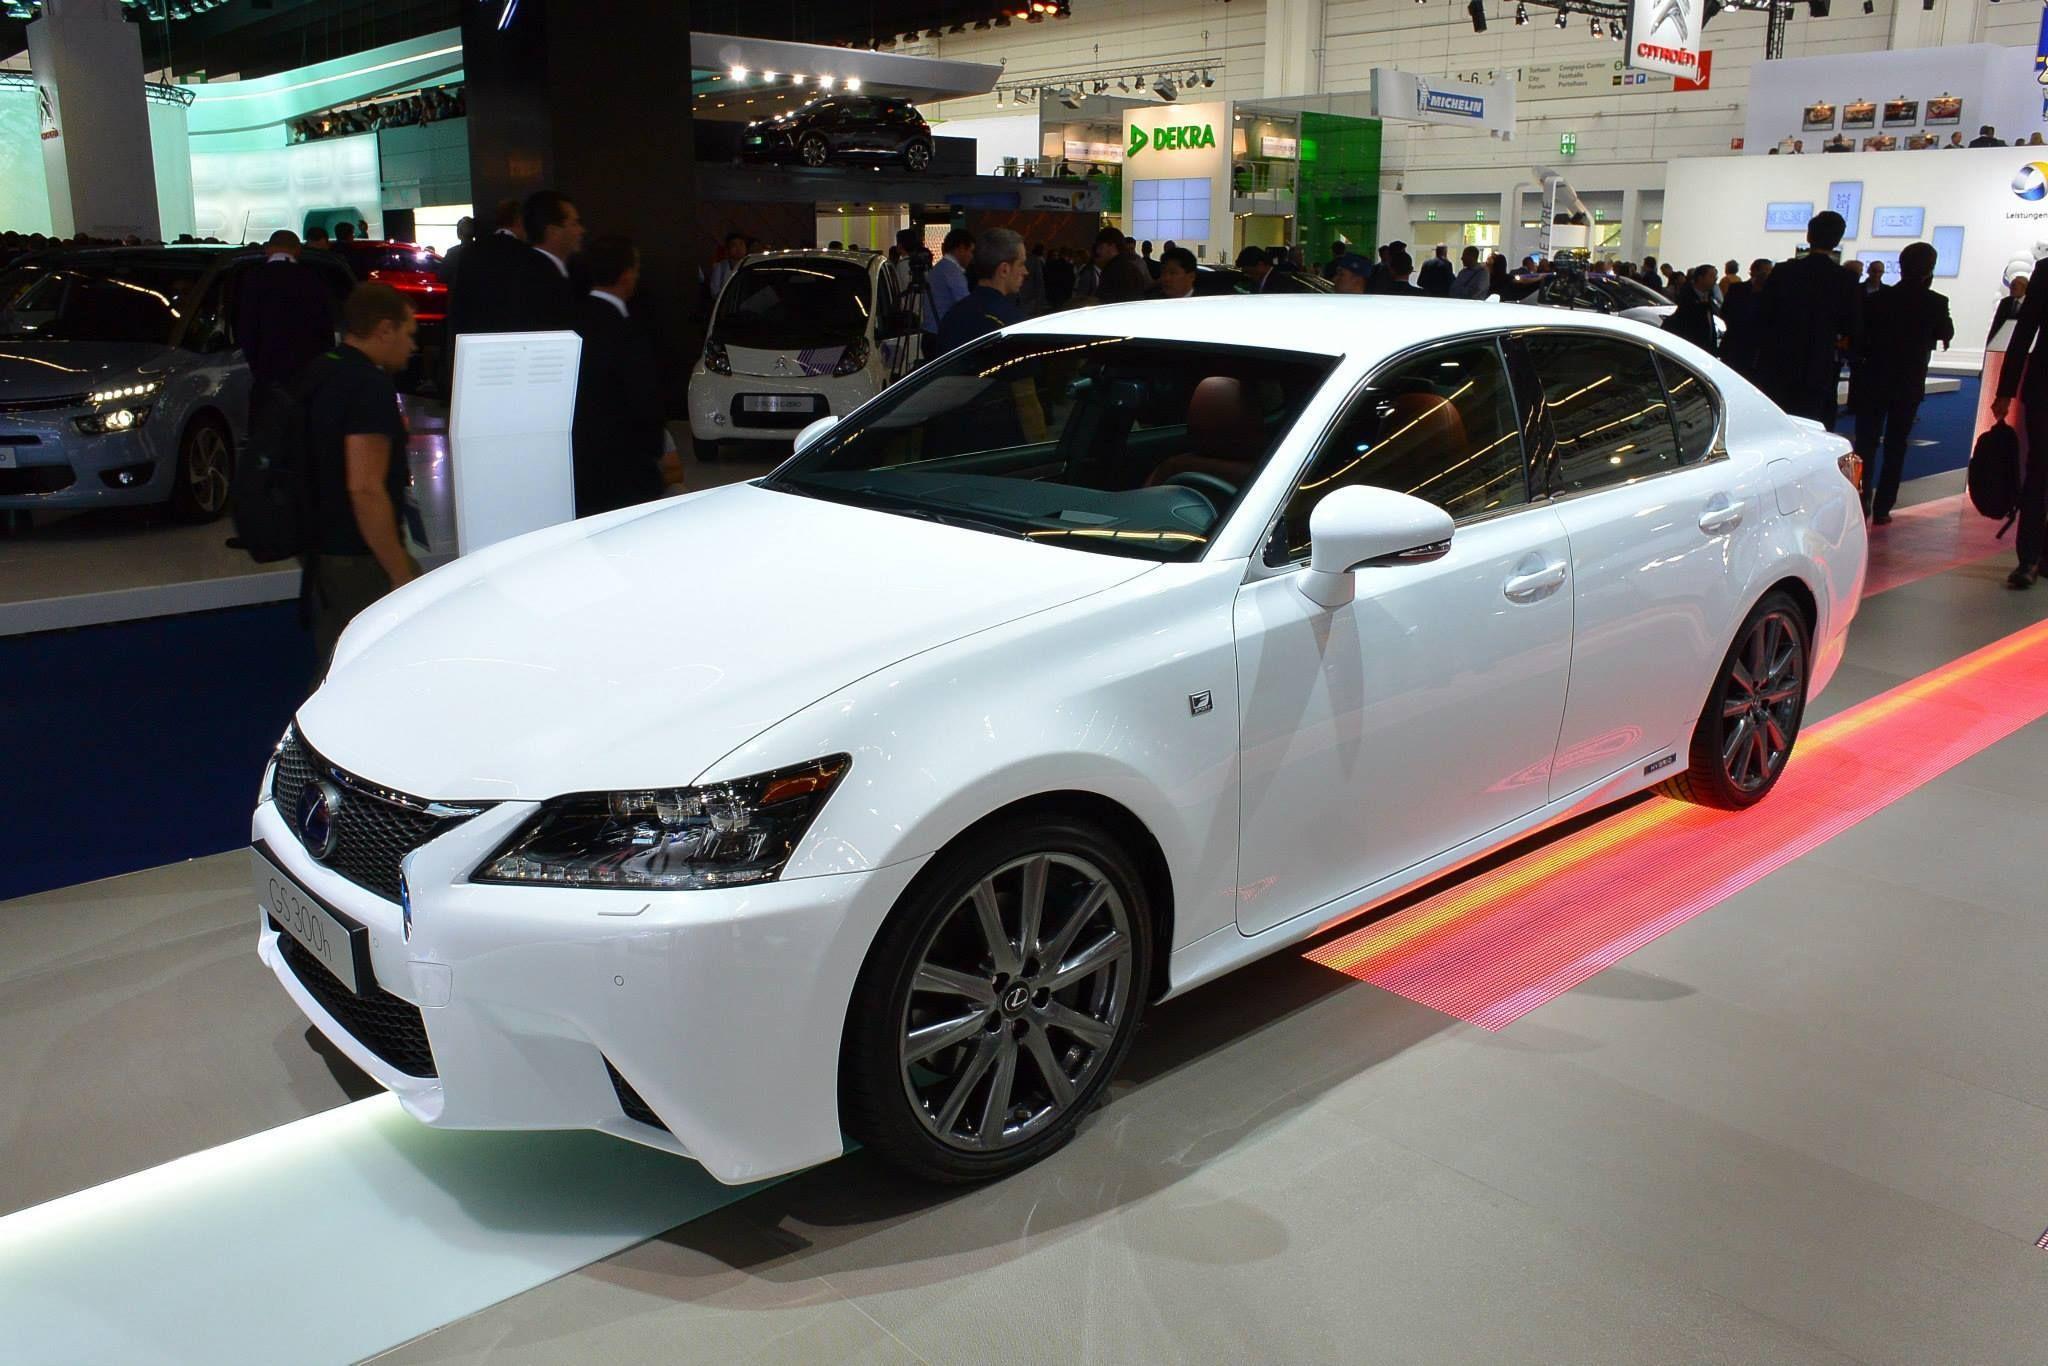 tuned lexus Google Search Tuned Modded Lexus